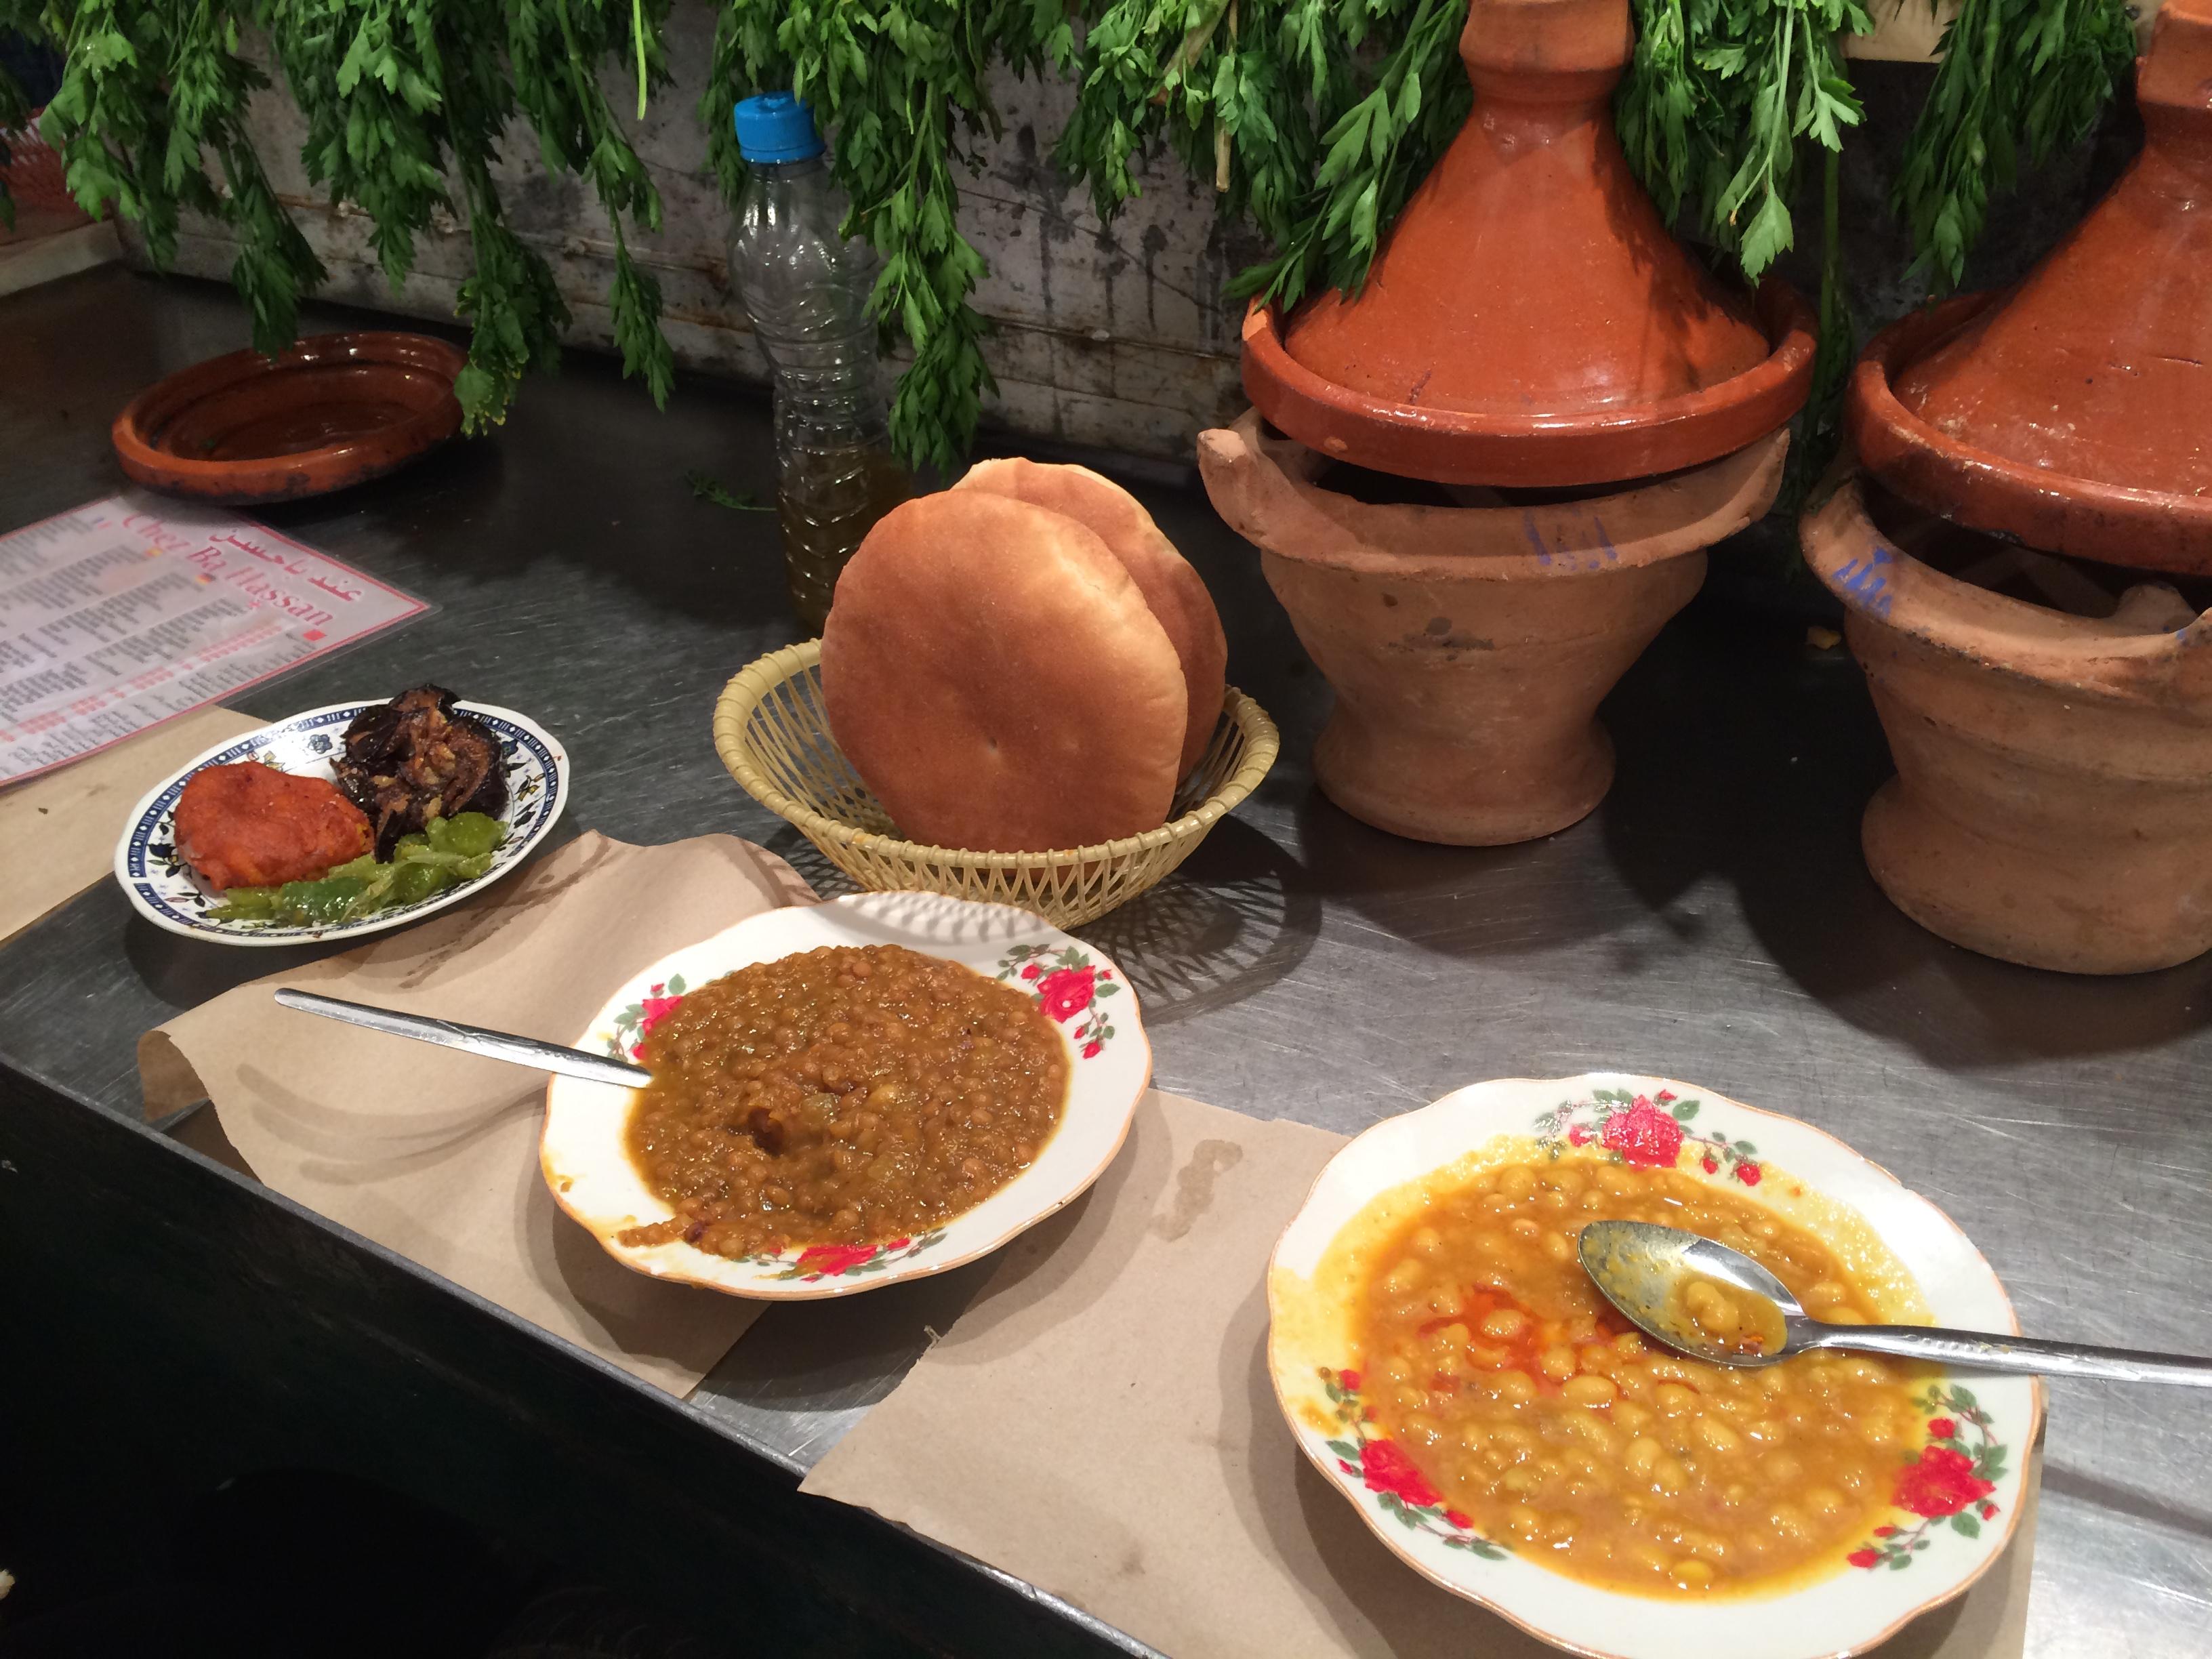 praça_jemaa_marrocos_comidas.JPG